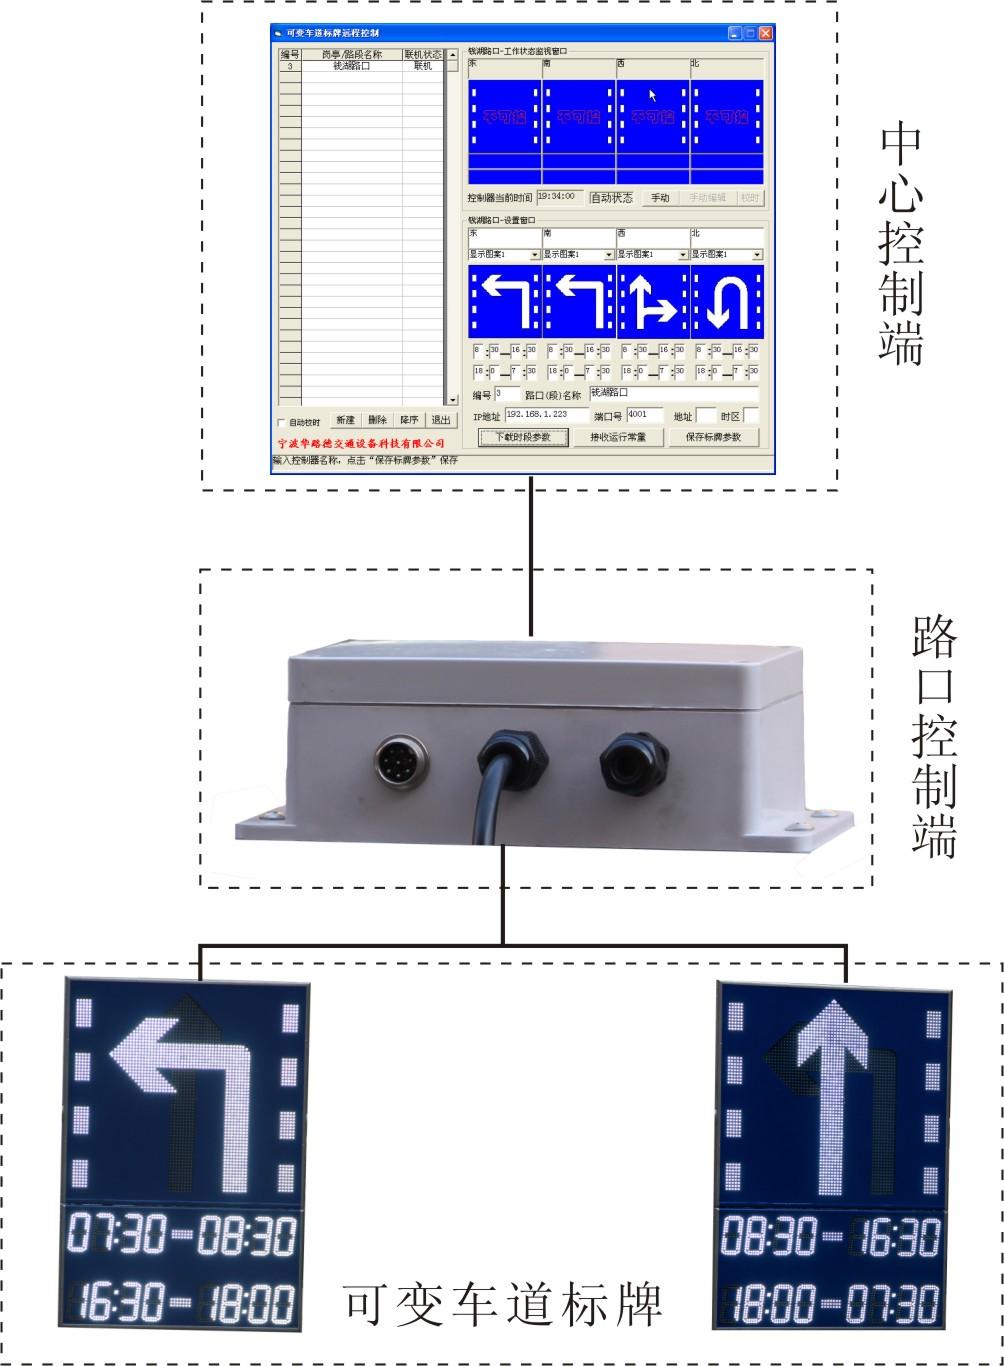 建立光纤网,由专业工程商(如中国电信等)建立从